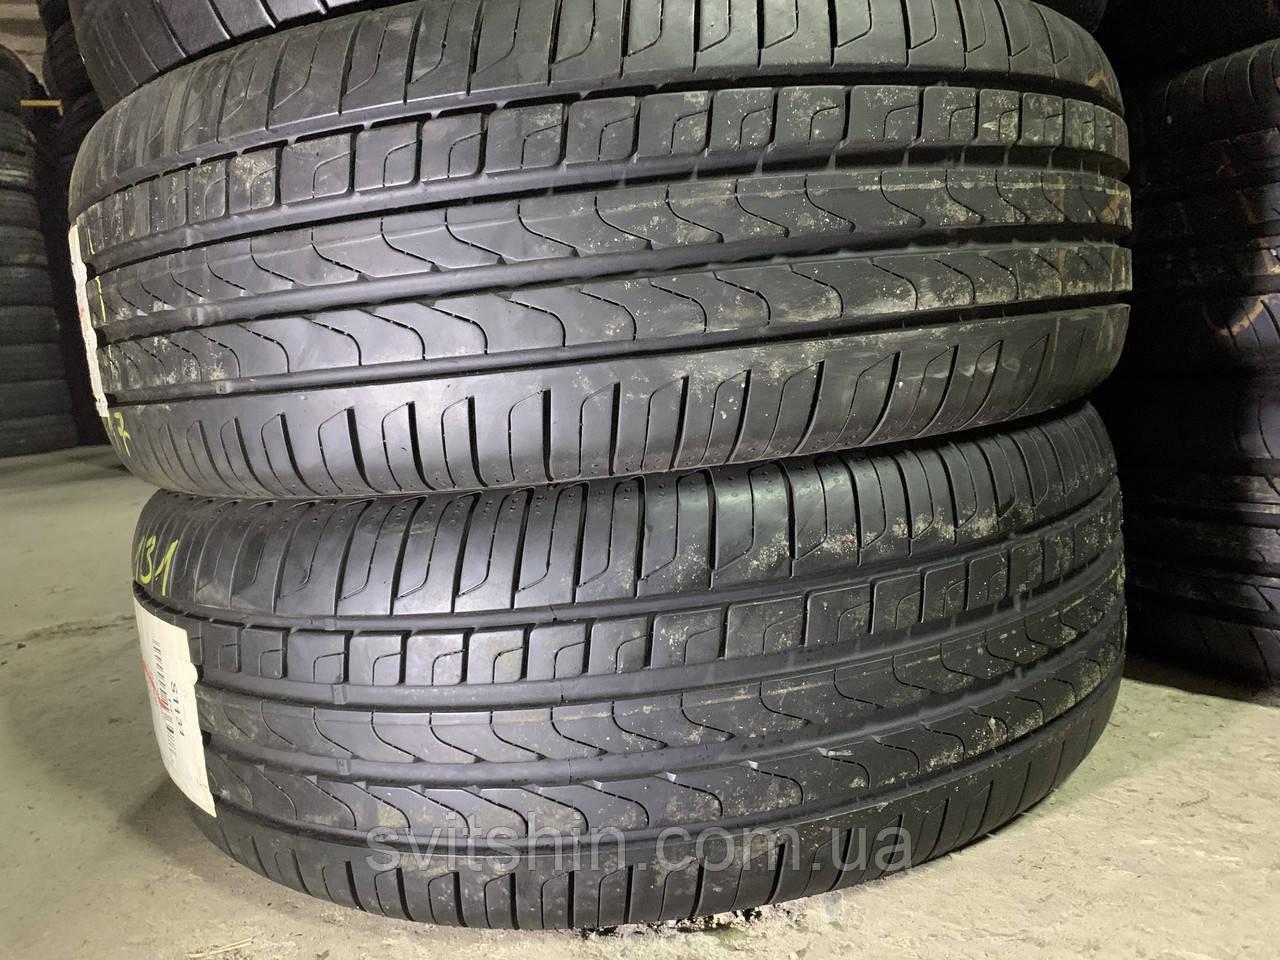 Шини літо б/в 215/55R17 Pirelli P7 19рік, Hankook Prime3, Avon ZV7 7мм